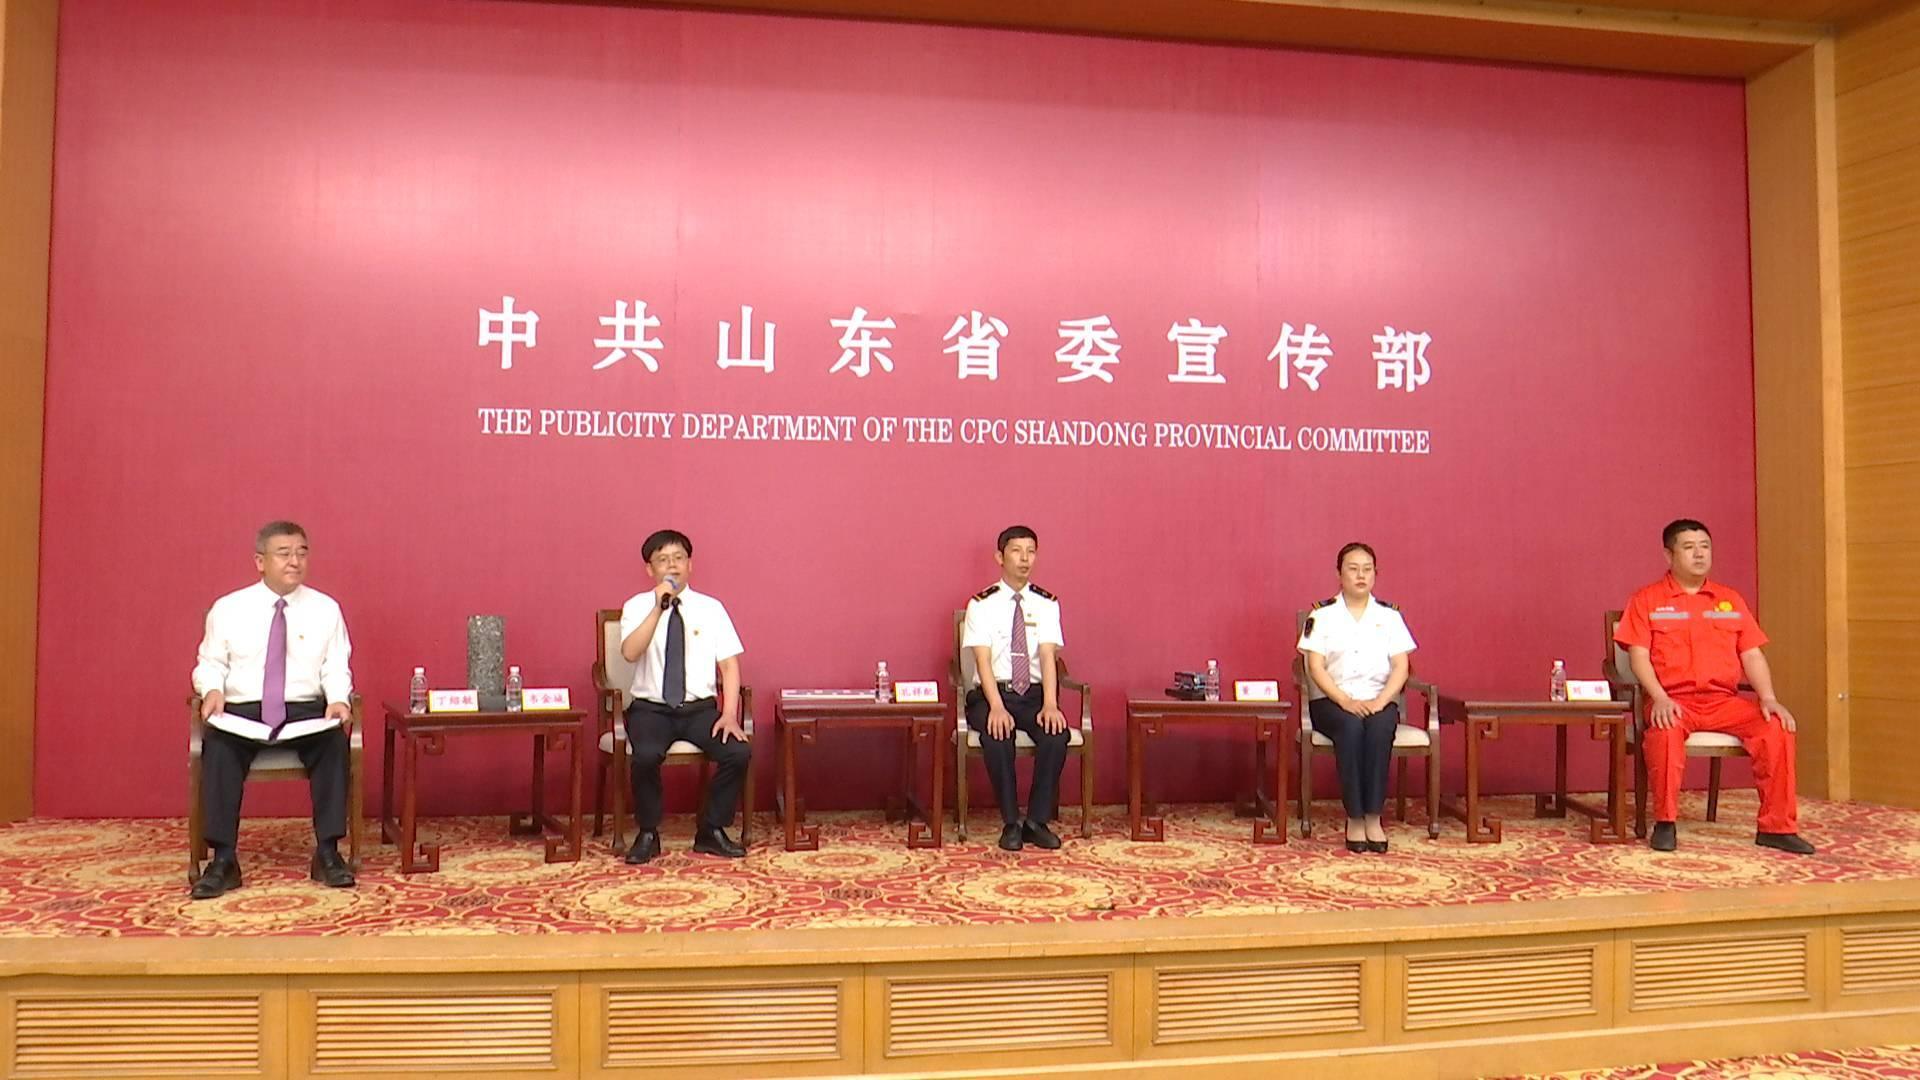 中共山东省委宣传部首场记者见面会上,党员代表这样讲述他们的故事